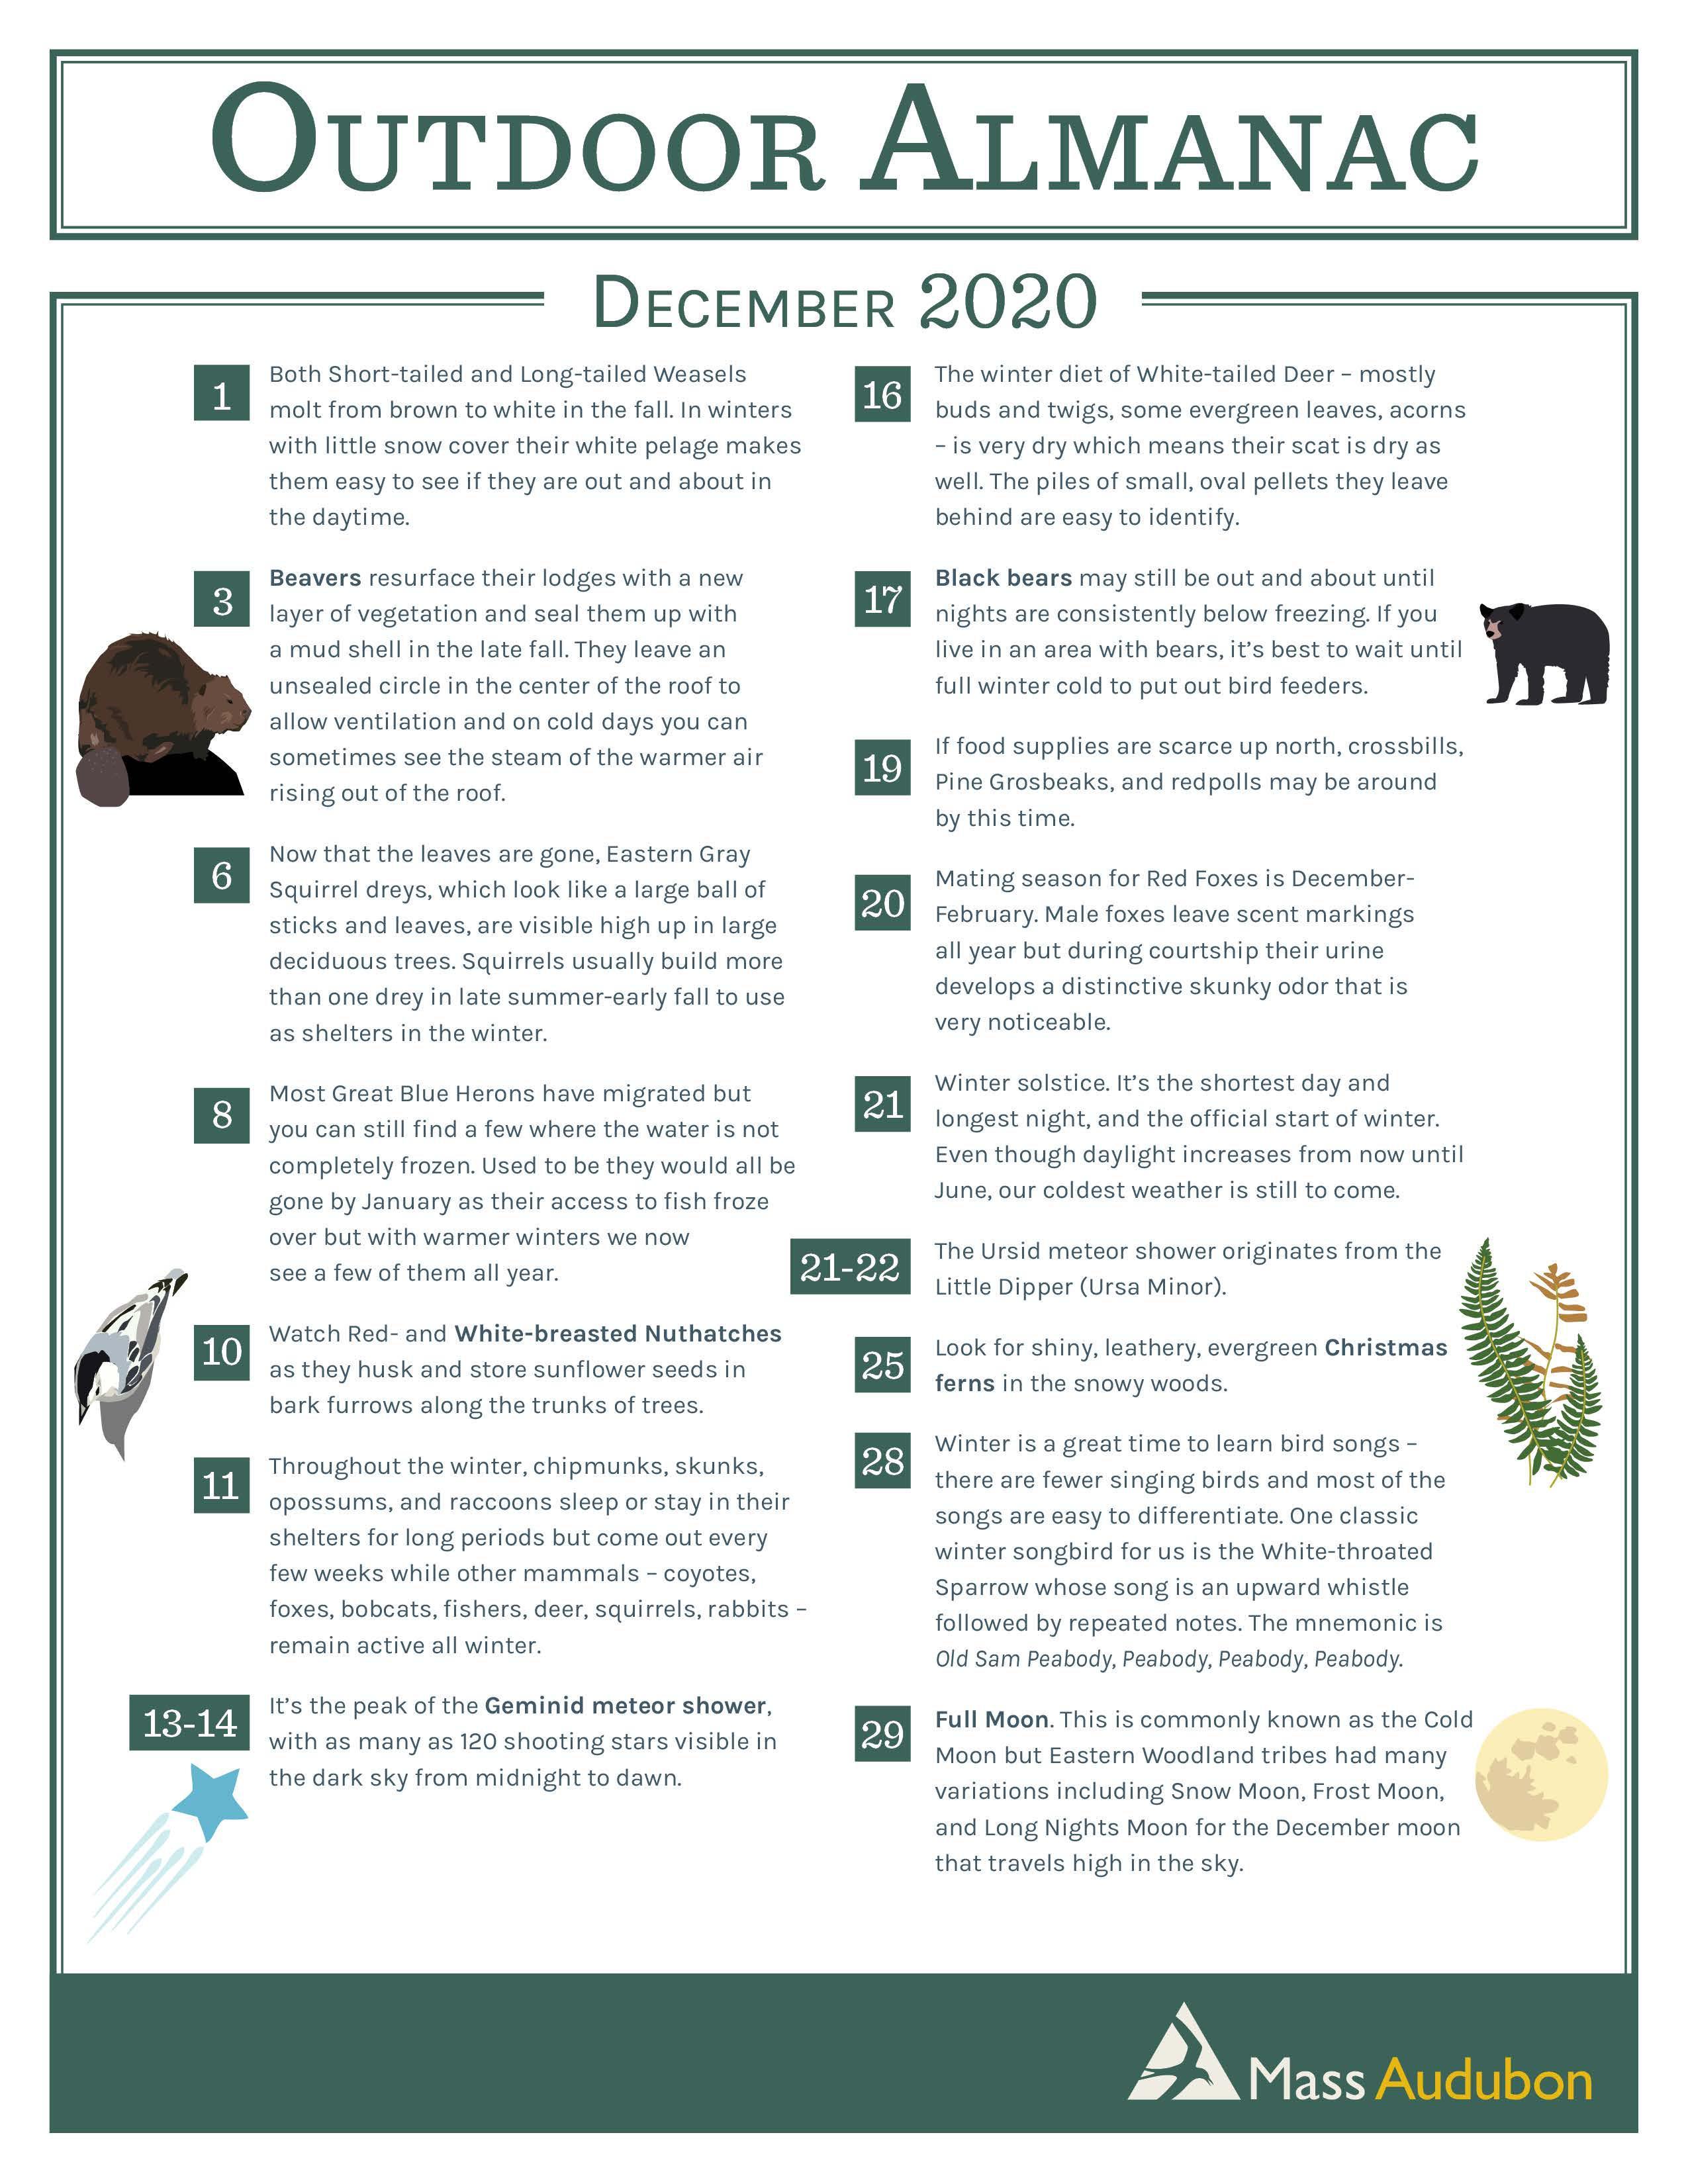 december 2020 outdoor almanac mass audubon